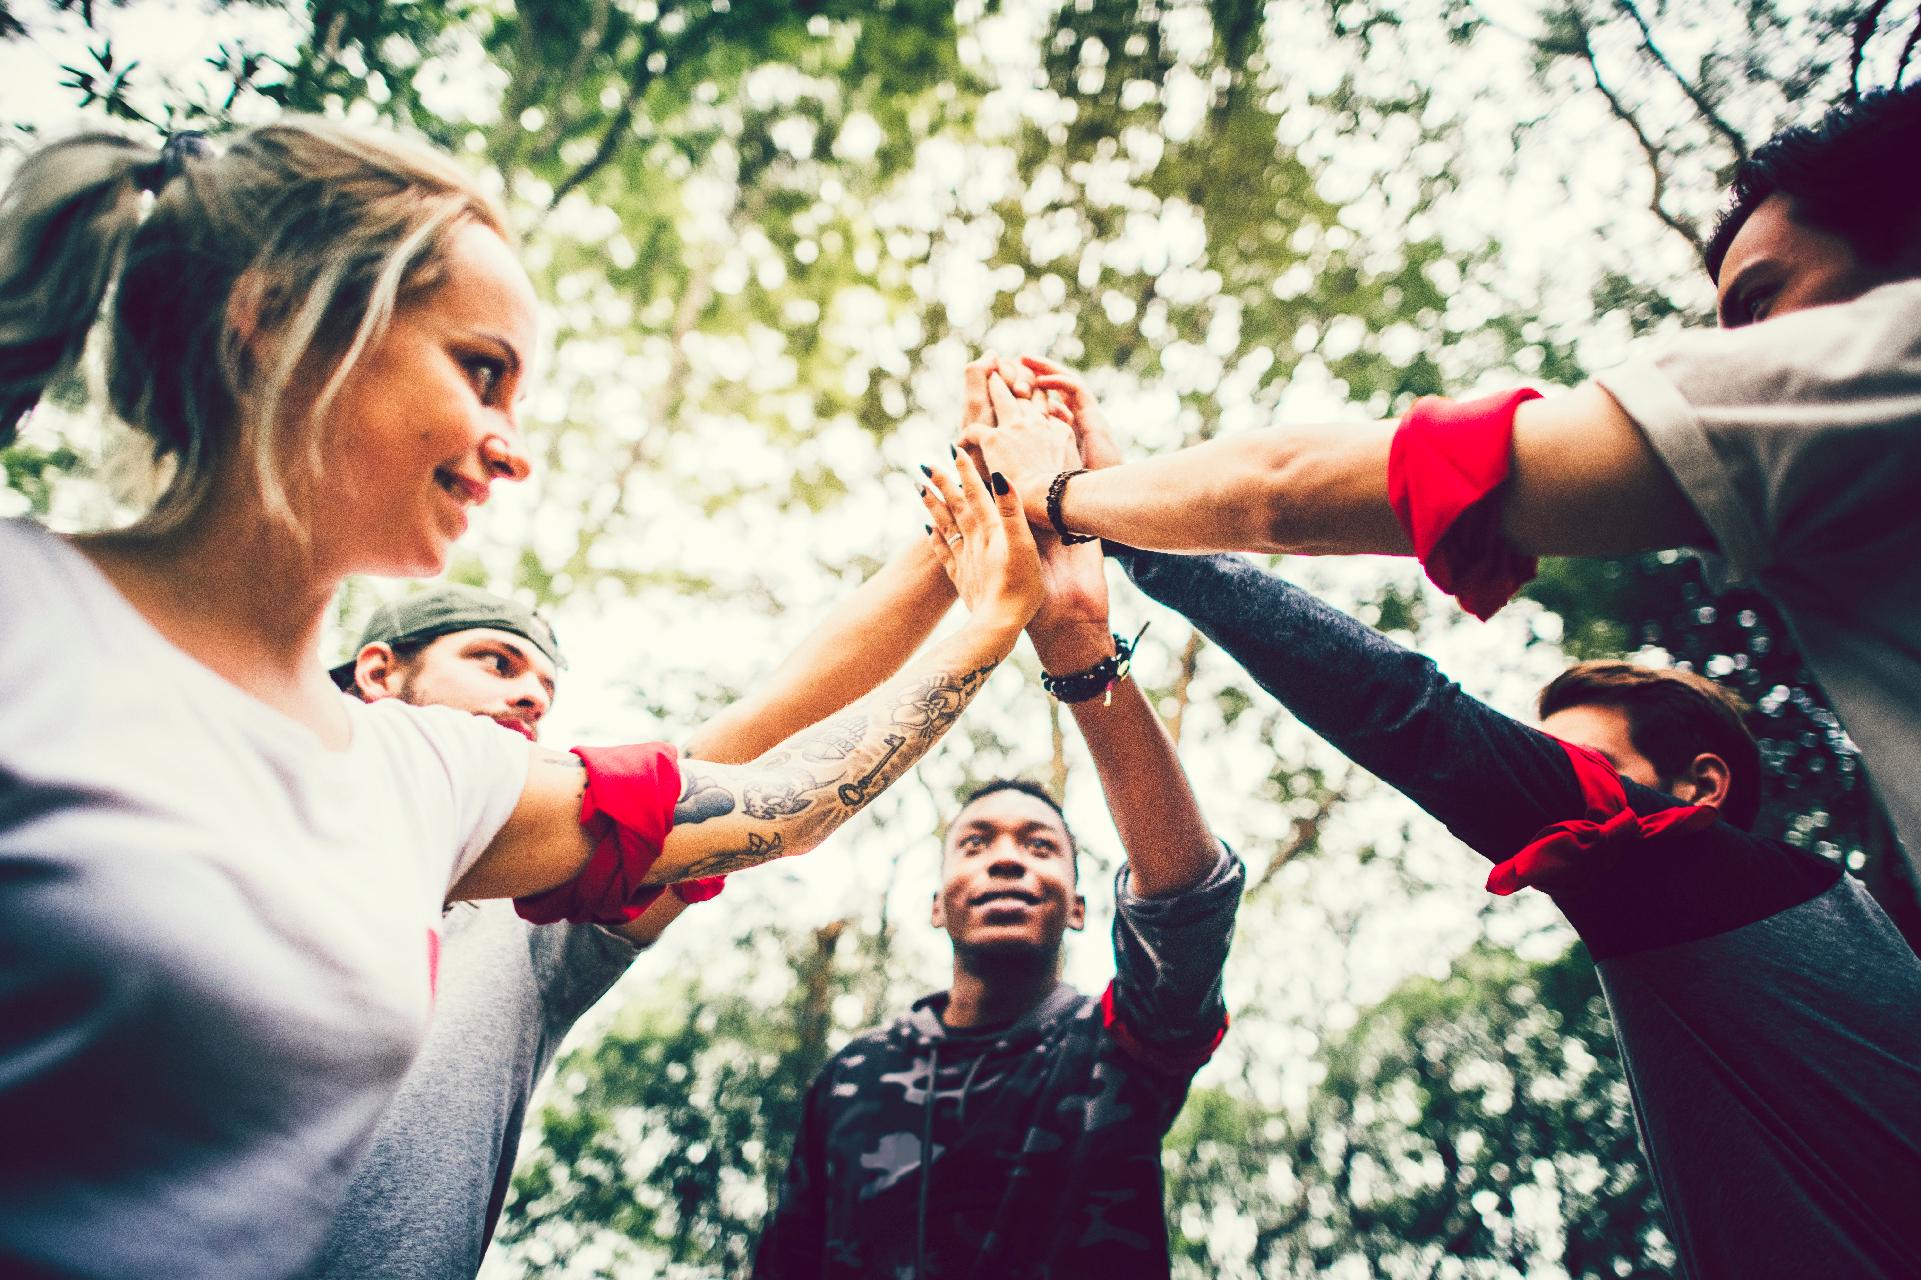 fem mennesker glade fordi de har lavet teambuilding ude i en skov